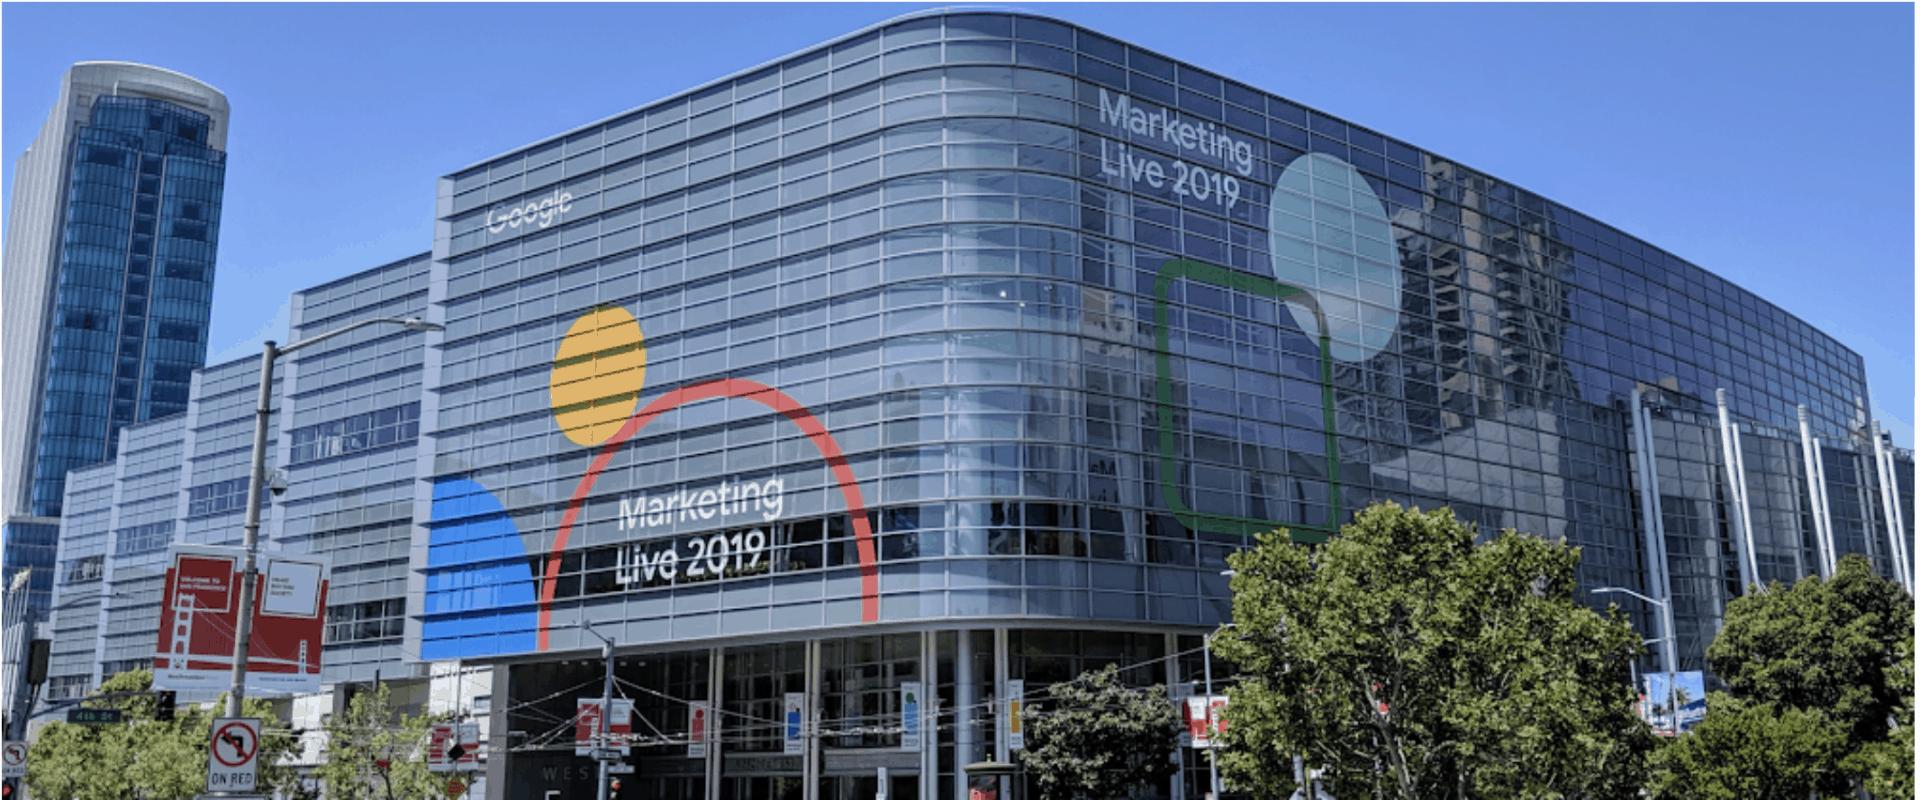 Une tonne de changements (visuels et emplacements) arrive sur Google Ads – Google Marketing Live 2019